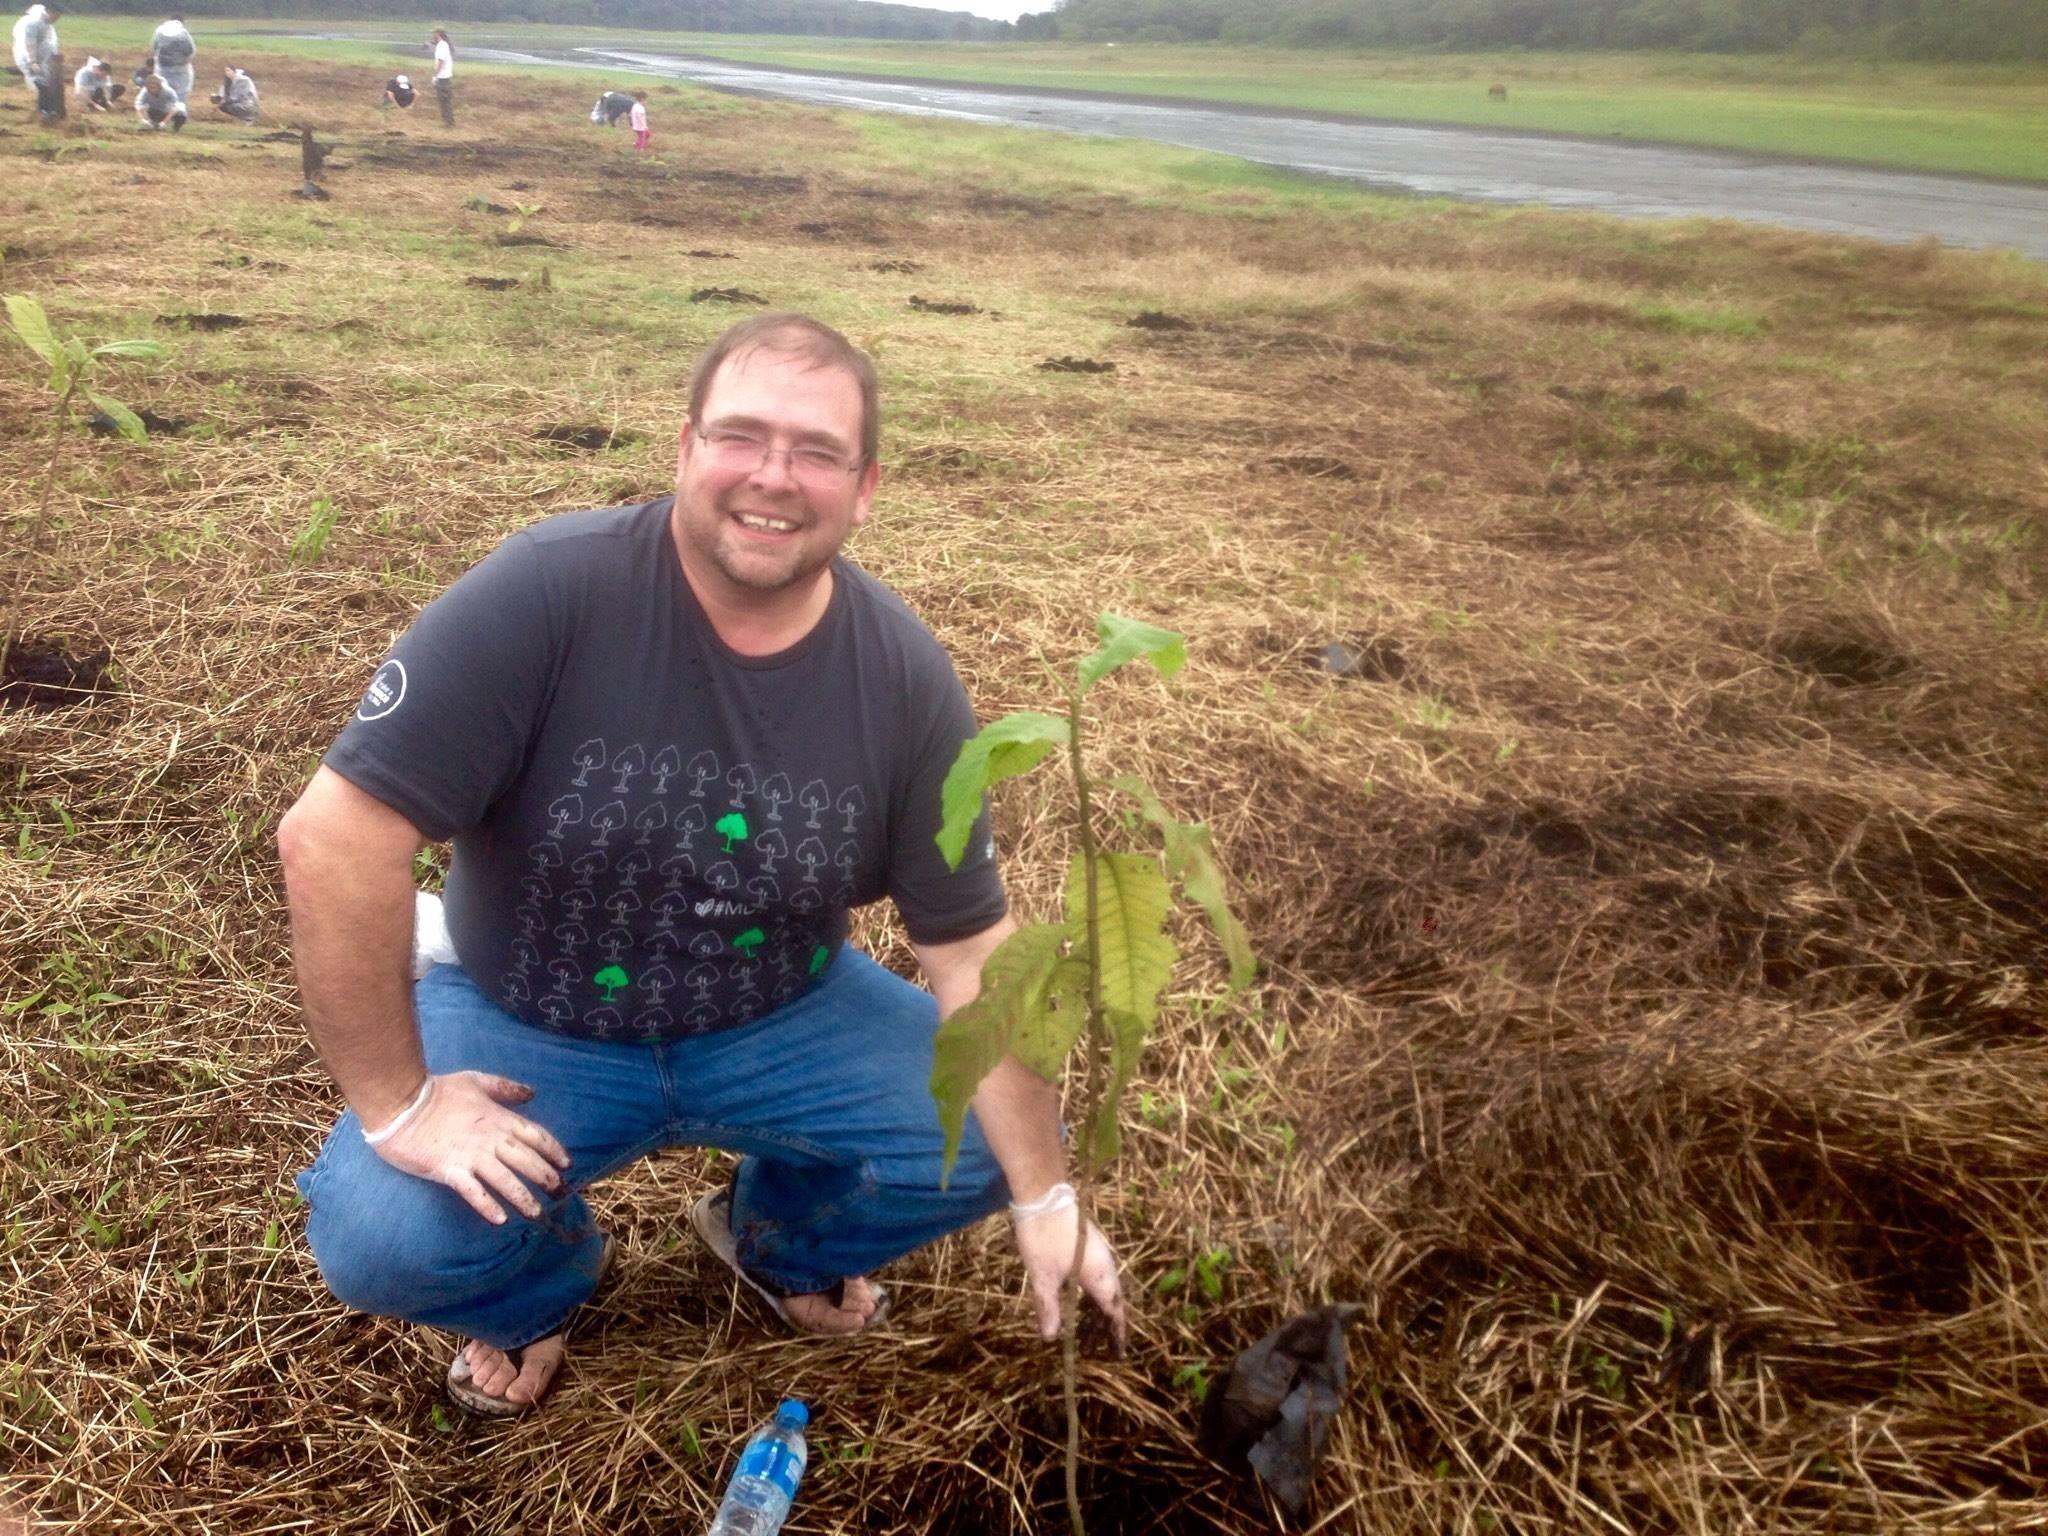 #MDD14 Como cada año tuvimos nuestro Make a Difference Day, en esta ocasión nos tocó plantar árboles. En São Paulo plantamos 650, en una reservación indígena, al fondo el rio que se les está secando.